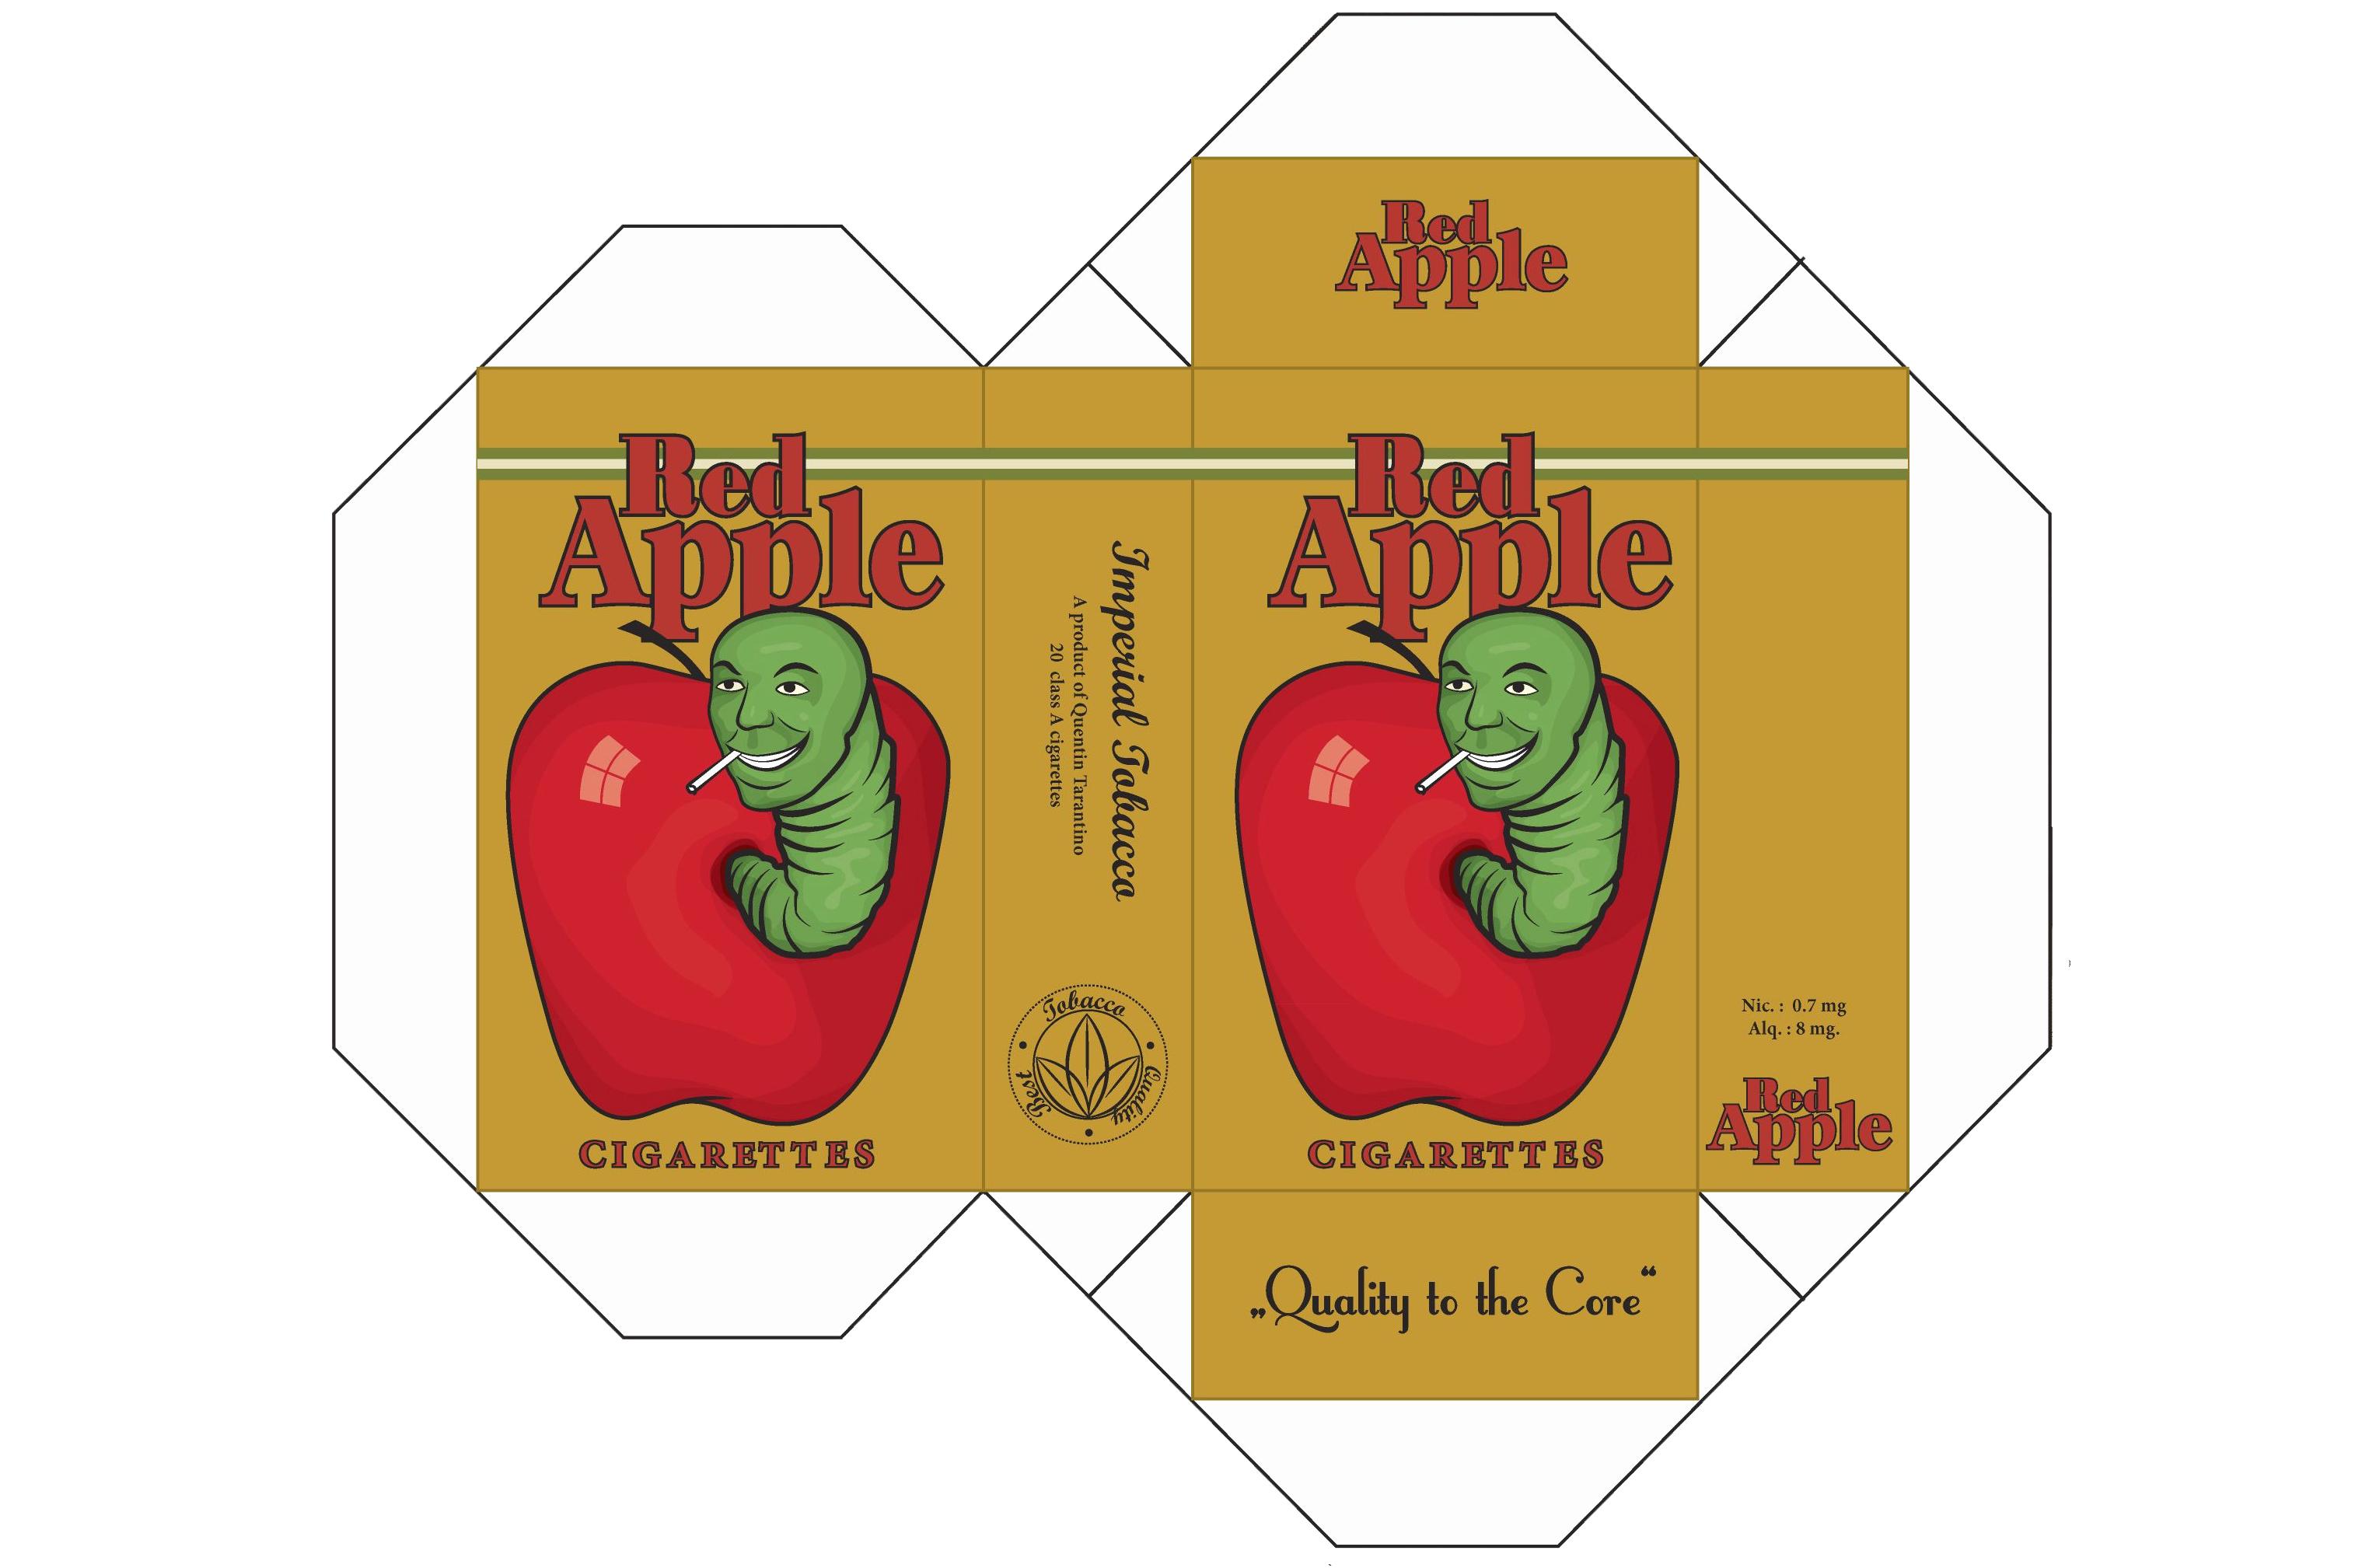 Red apple сигареты купить спб где купить качественный табак для сигарет